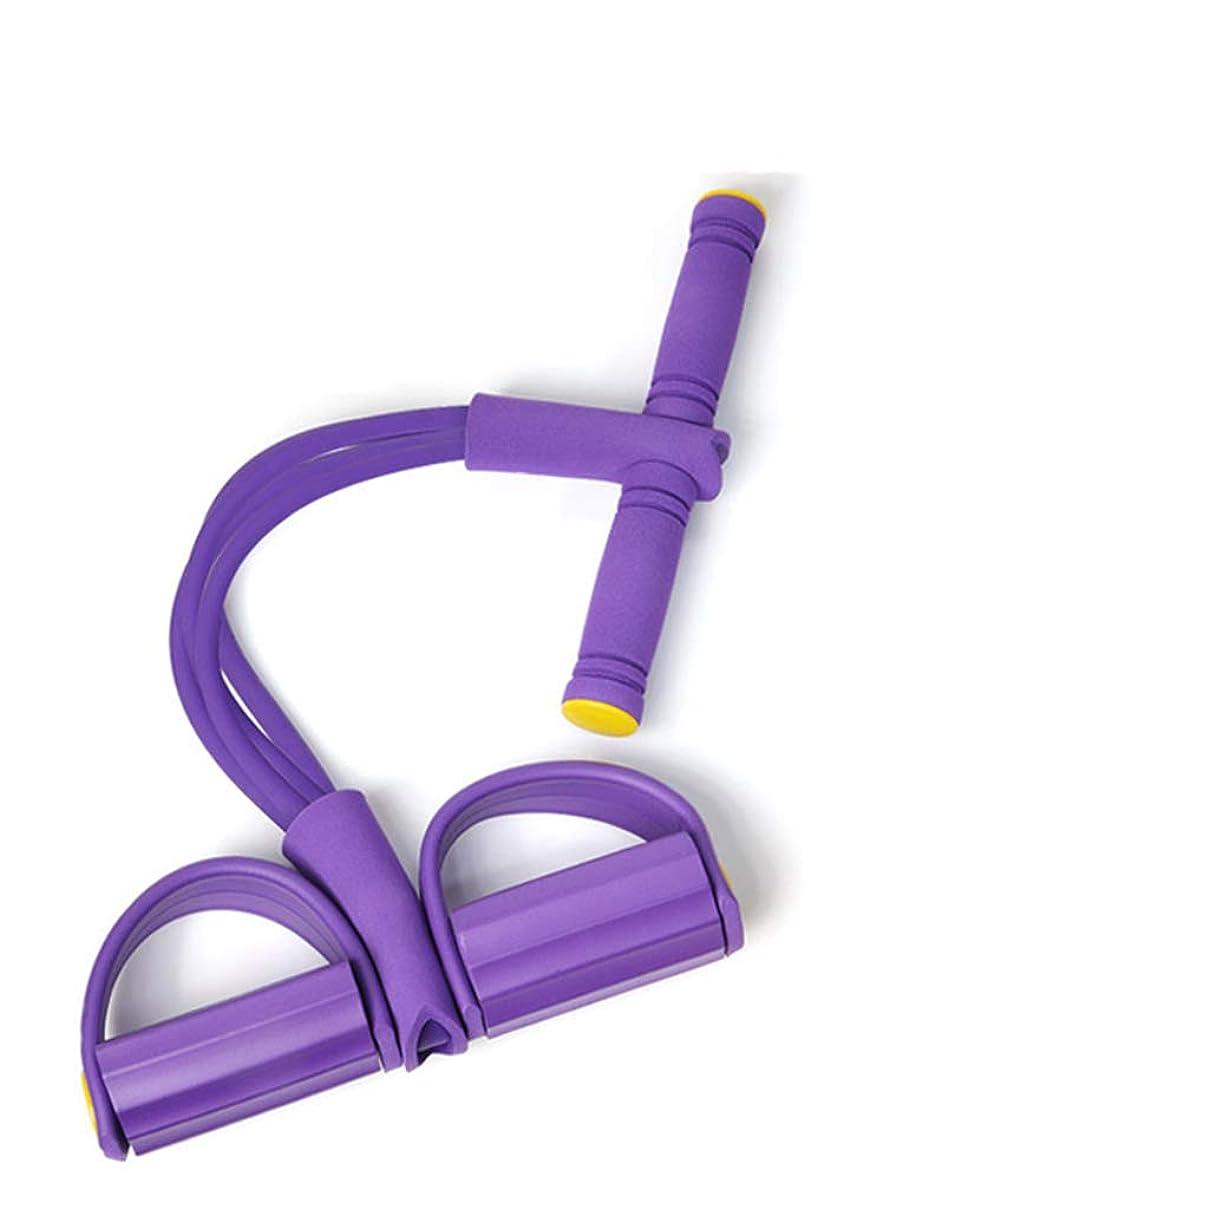 コード太字第四抵抗バンド装置シットアッププラー、減量ウエスト腹部ヨガトレーニング整形練習腕/脚/肩/腹部オフィスエクササイズ,Purple